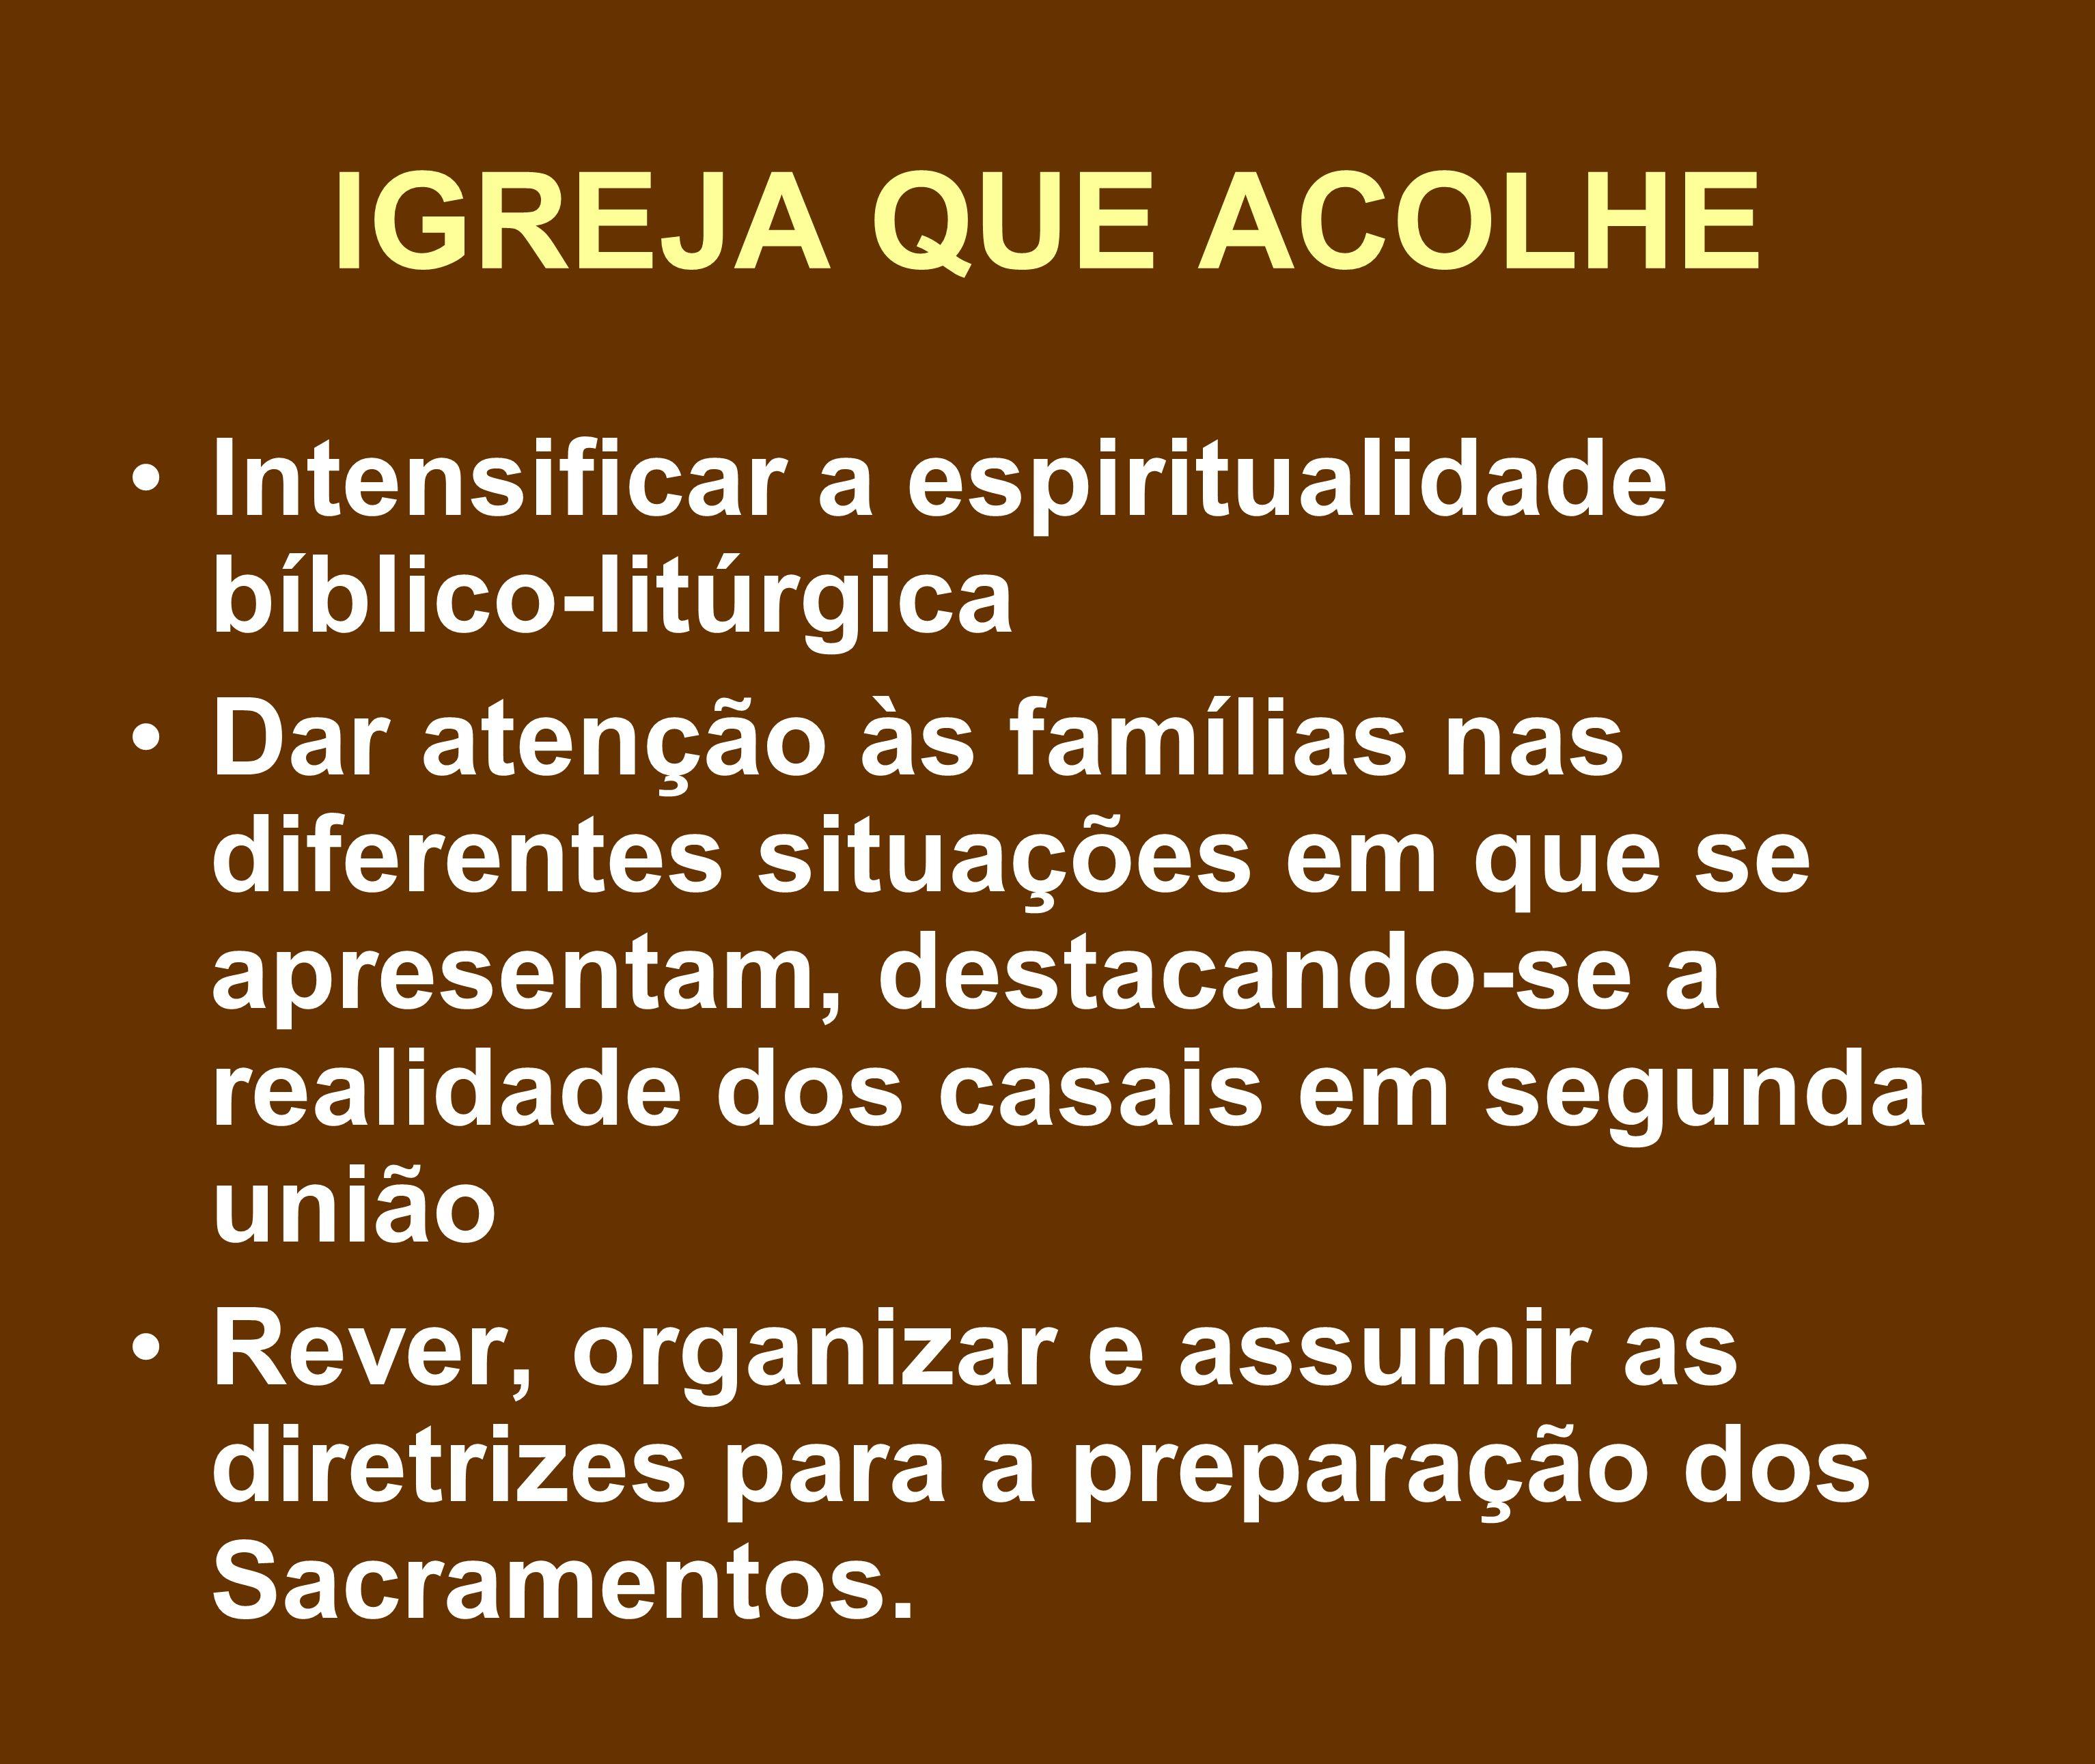 IGREJA QUE ACOLHE Intensificar a espiritualidade bíblico-litúrgica Dar atenção às famílias nas diferentes situações em que se apresentam, destacando-s